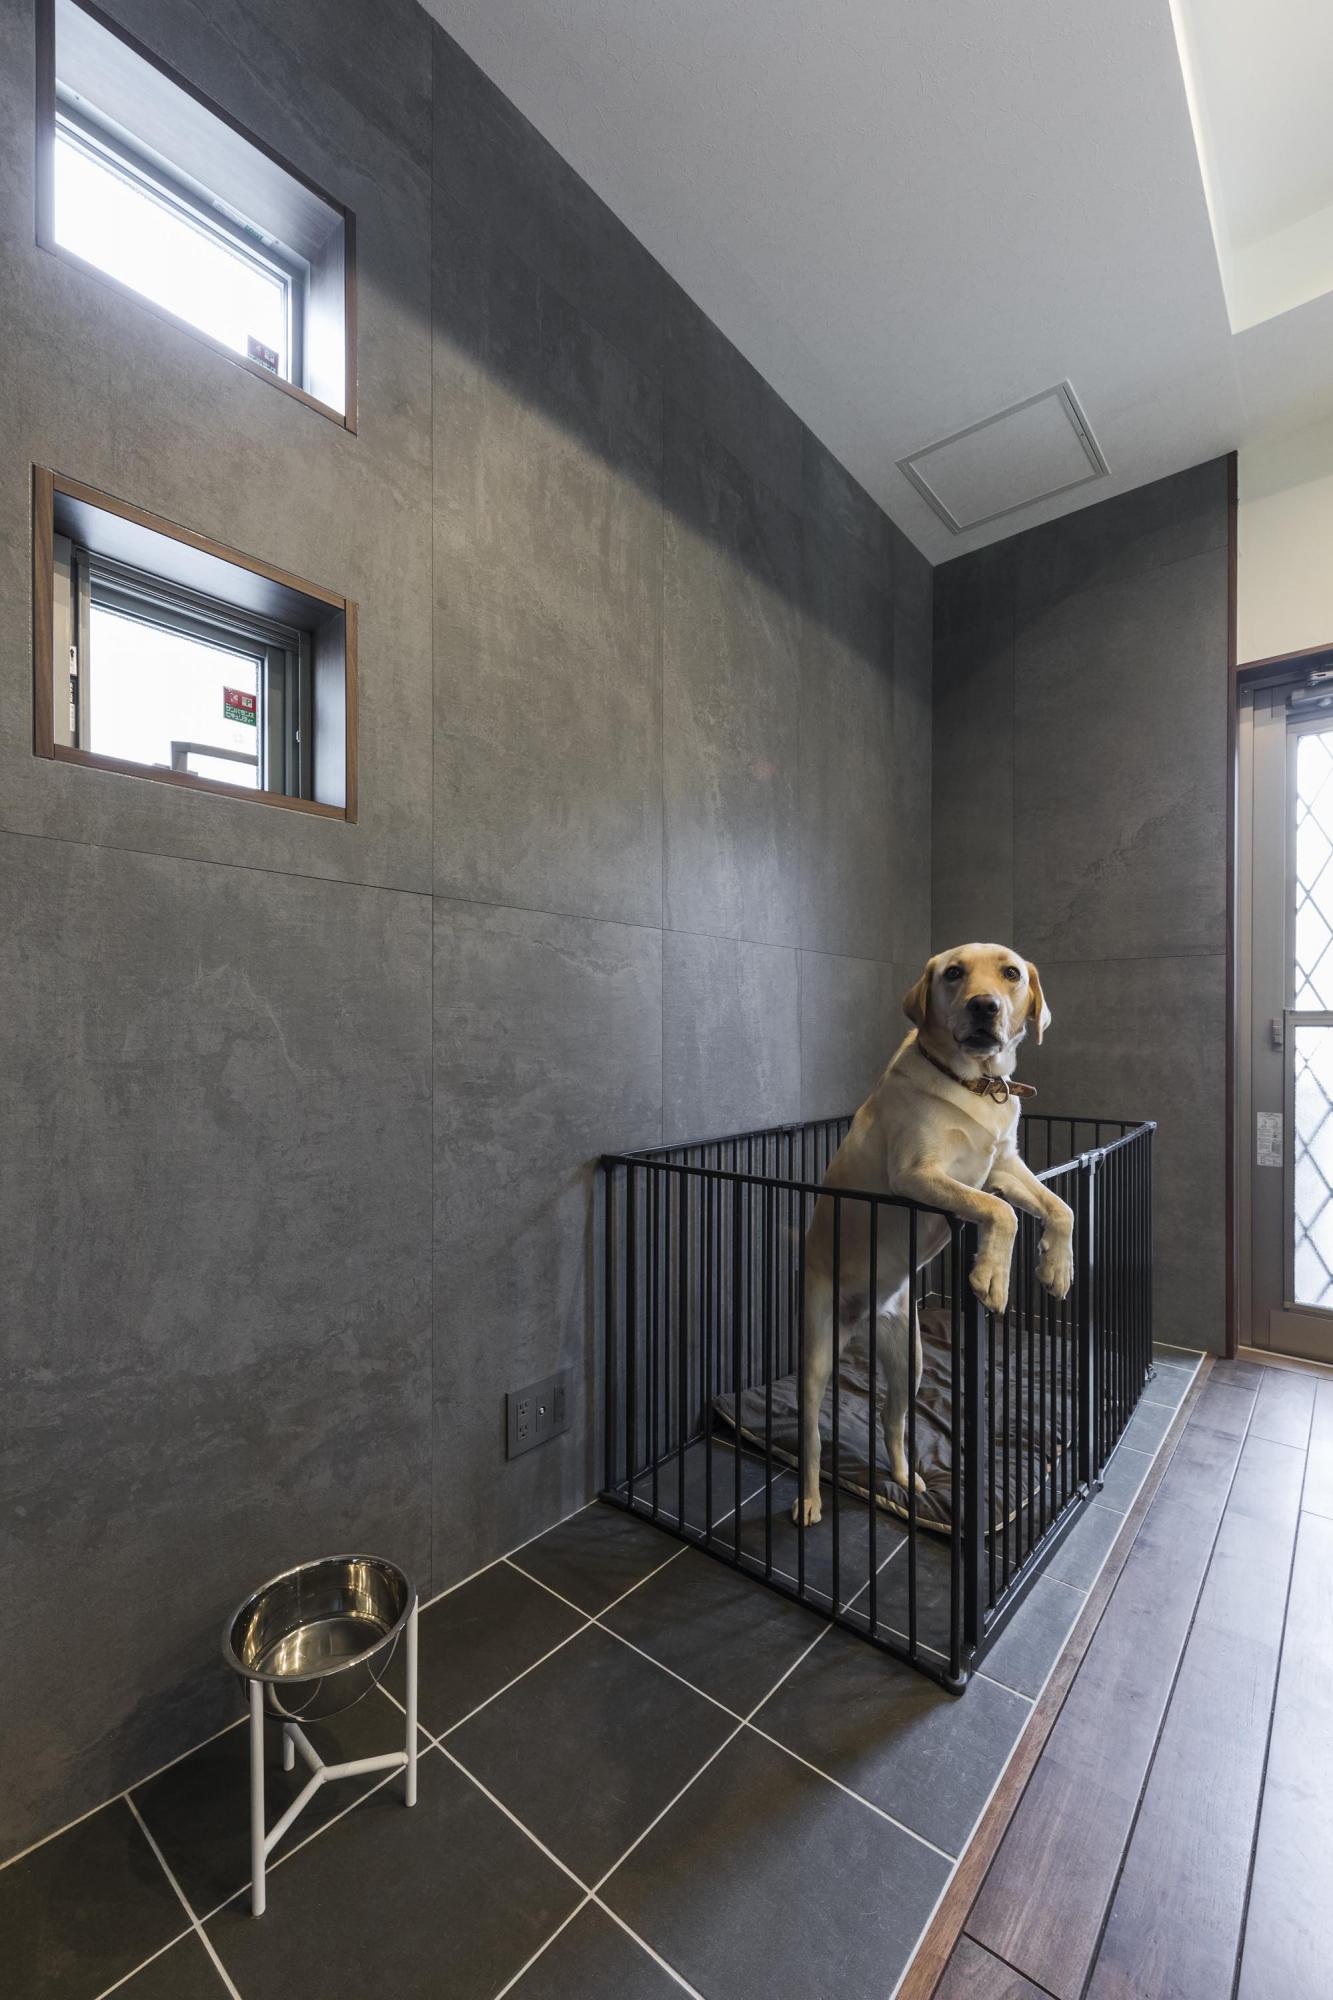 ダイニングの脇に愛犬用のスペースを新設し、タイルを床と壁に採用。この部分のみ黒にすることで雰囲気を変えている